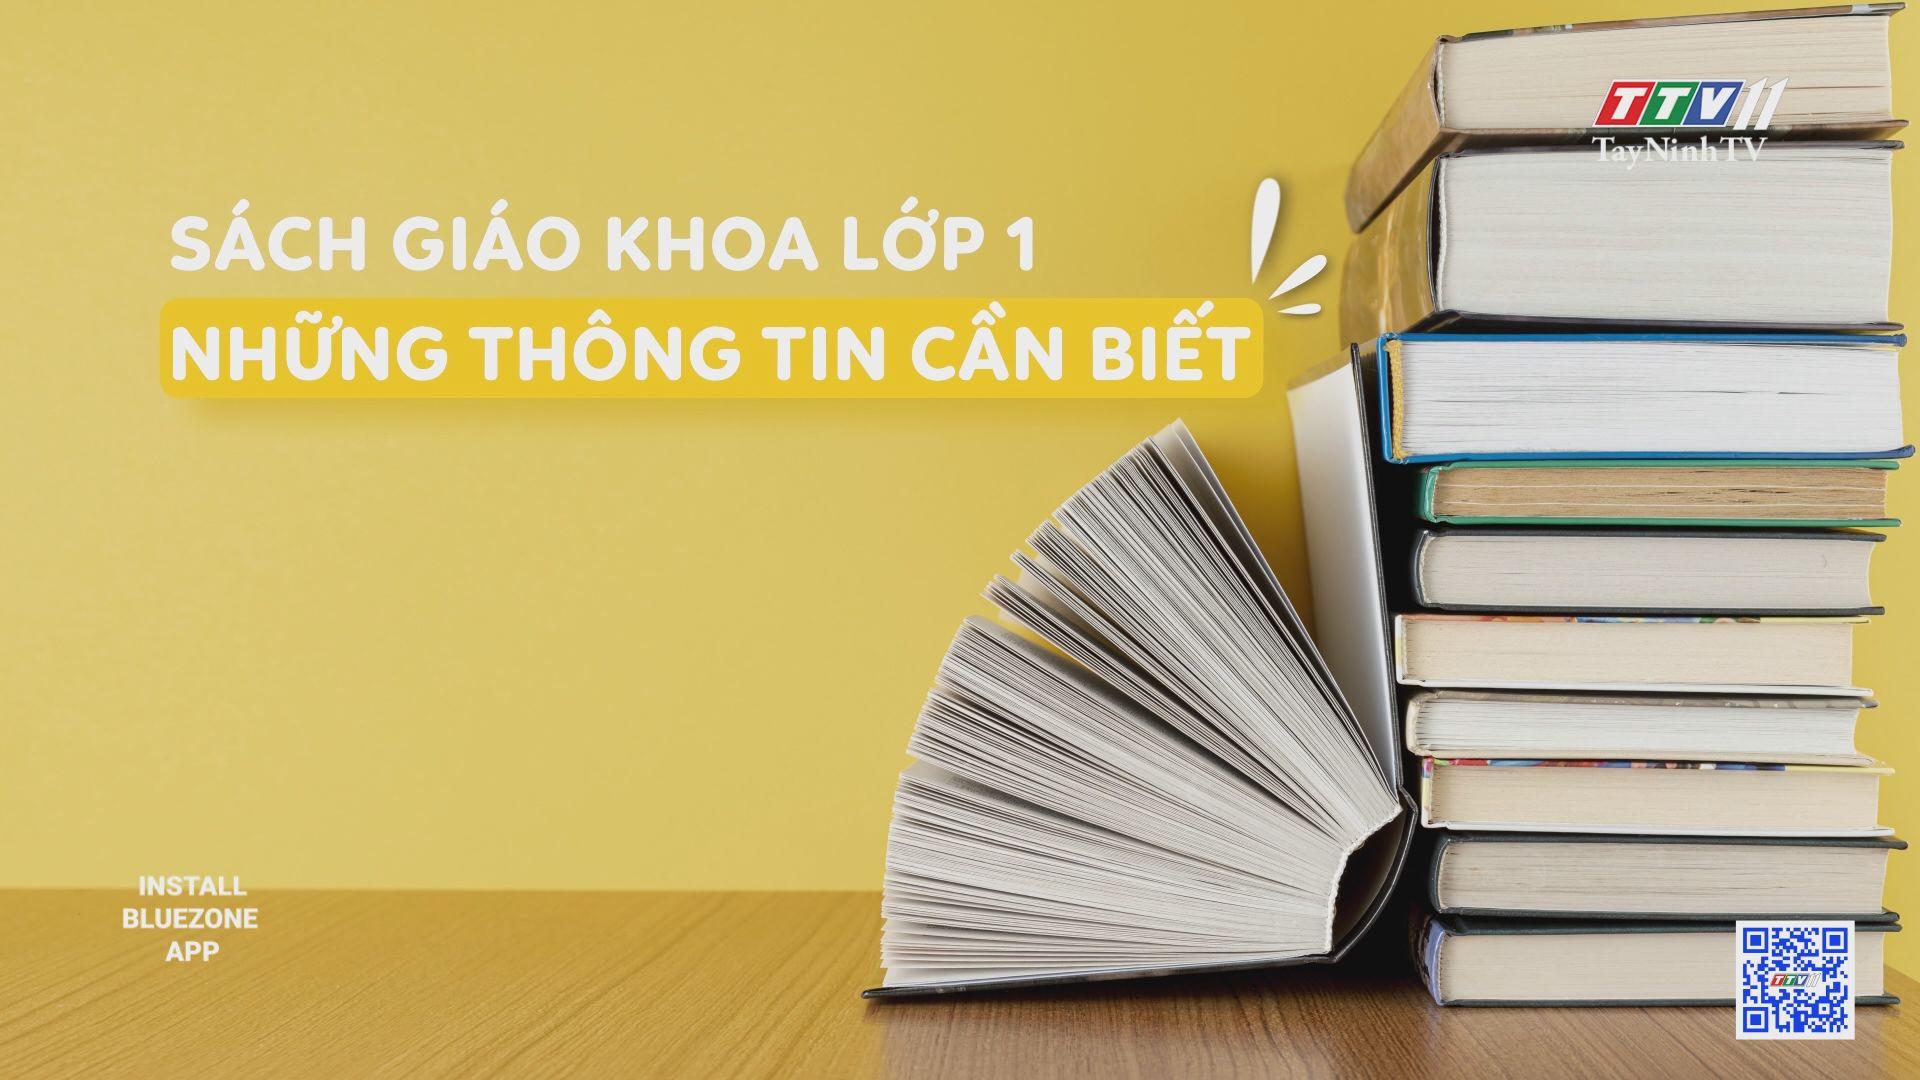 Sách giáo khoa lớp 1 và những thông tin cần biết | TRANG TUỔI THƠ | TayNinhTV